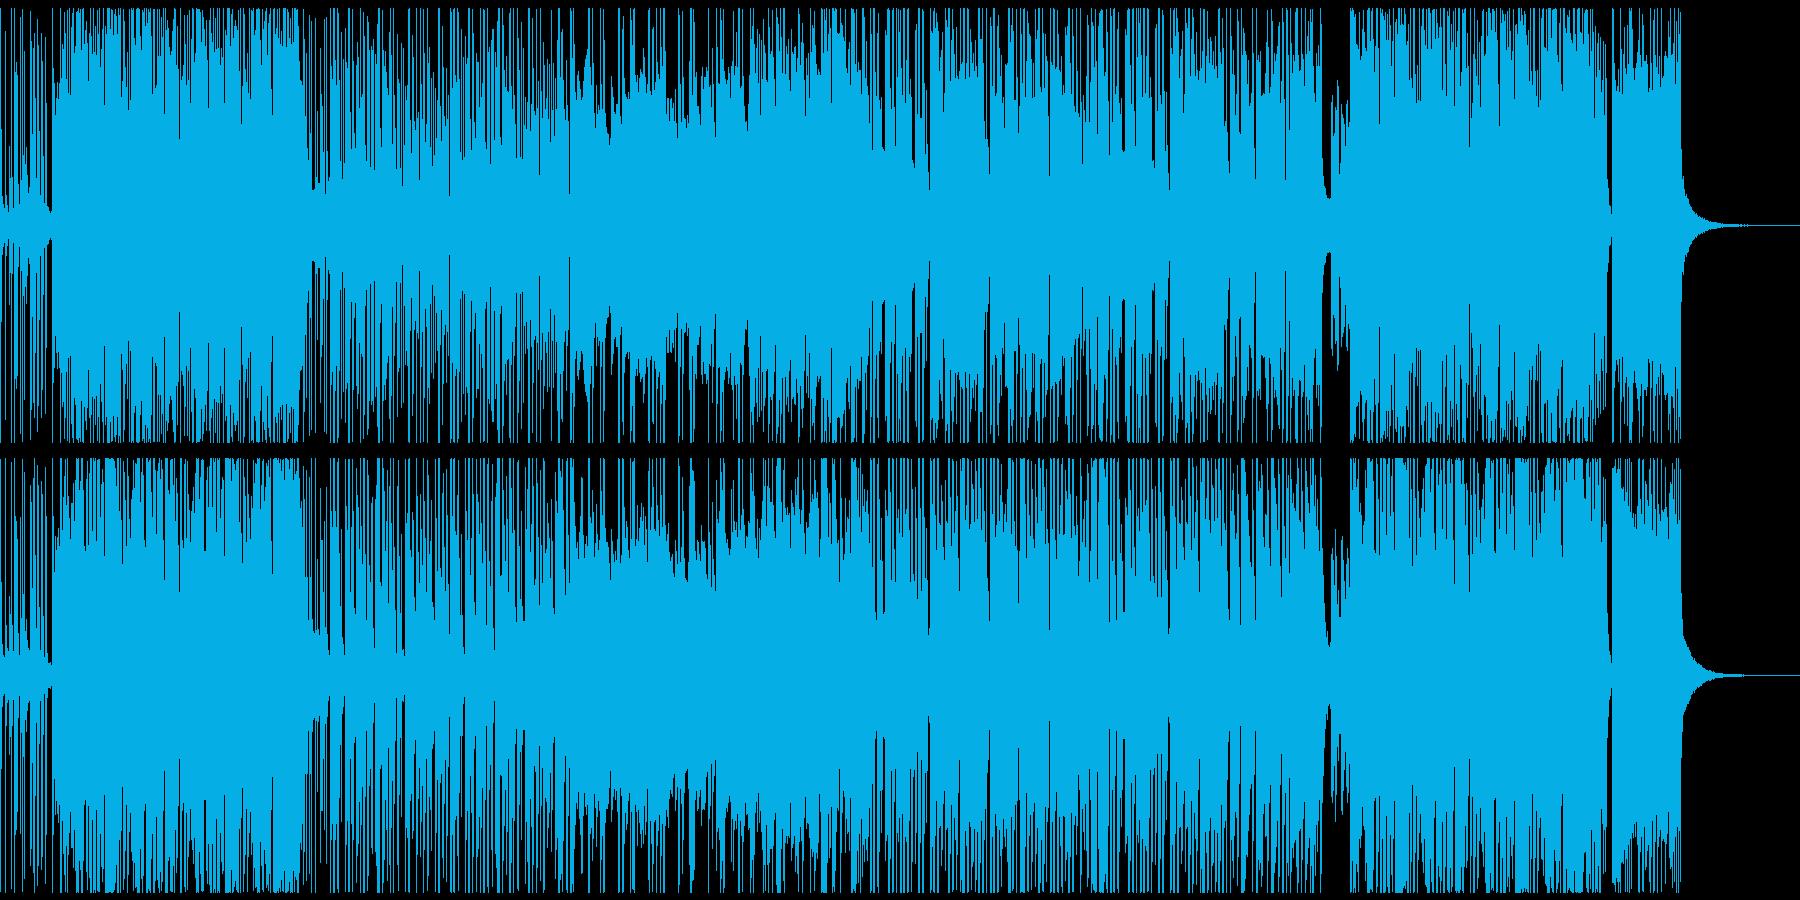 ブラスメロディーでワクワク感ある元気な曲の再生済みの波形